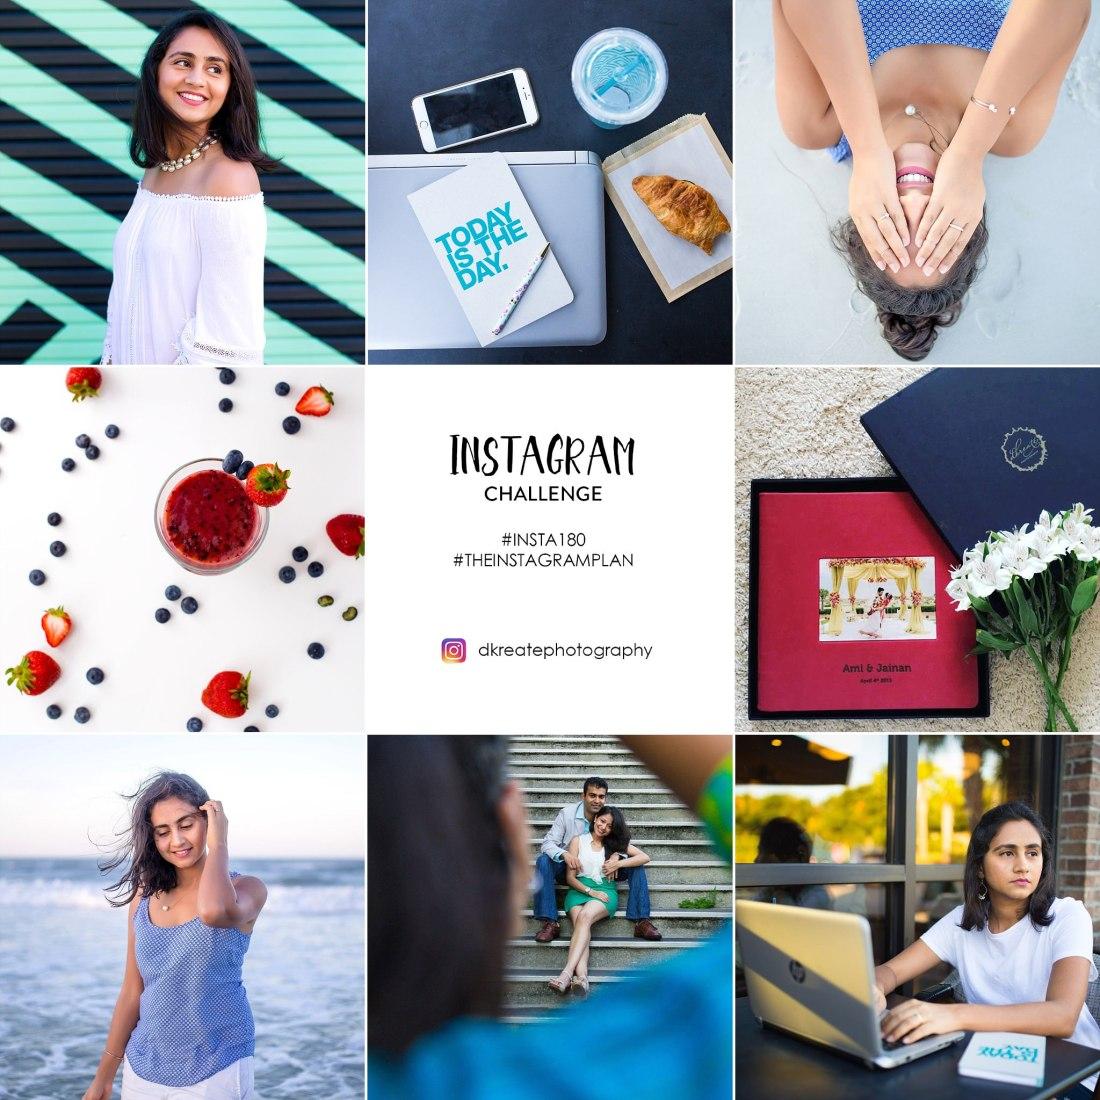 Jasmine Star Instagram Challenge